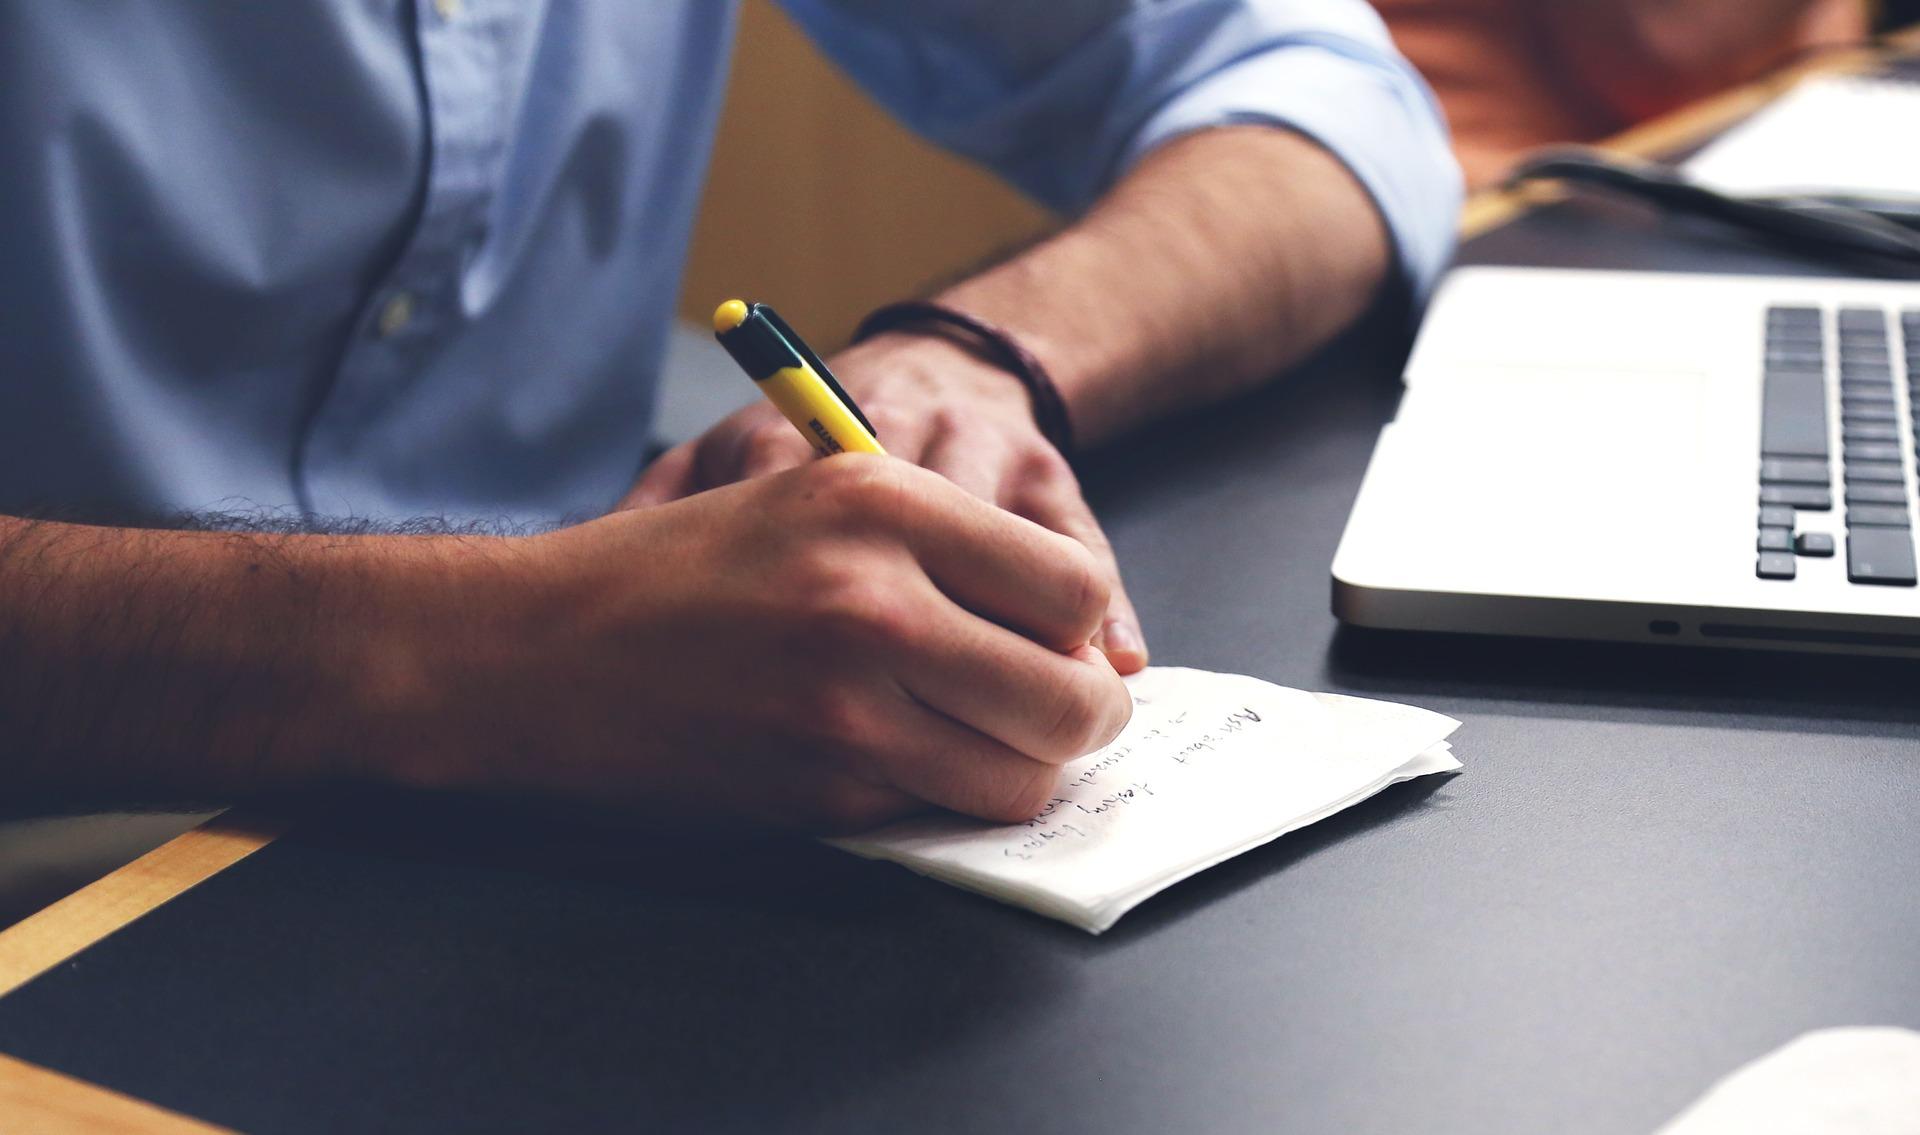 ۱۰ نکته مهم برای کسانی که می خواهند کارآفرینی را شروع کنند